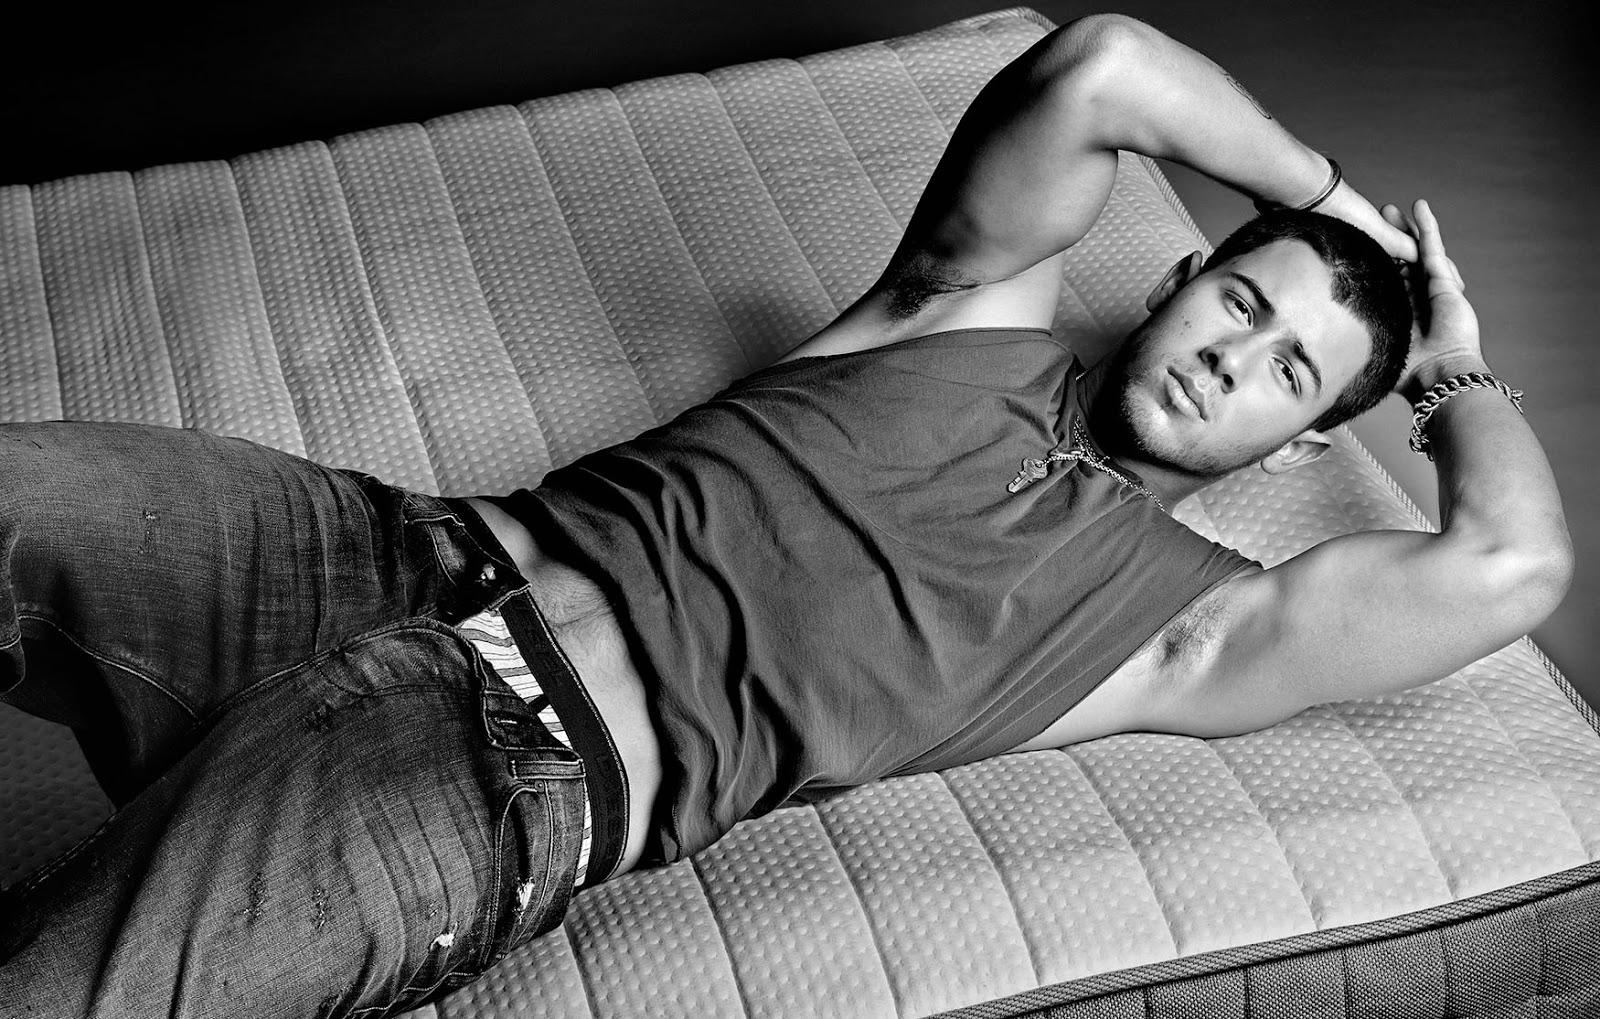 Shirtless Gallery Nick Jonas Shirtless 2014-9988